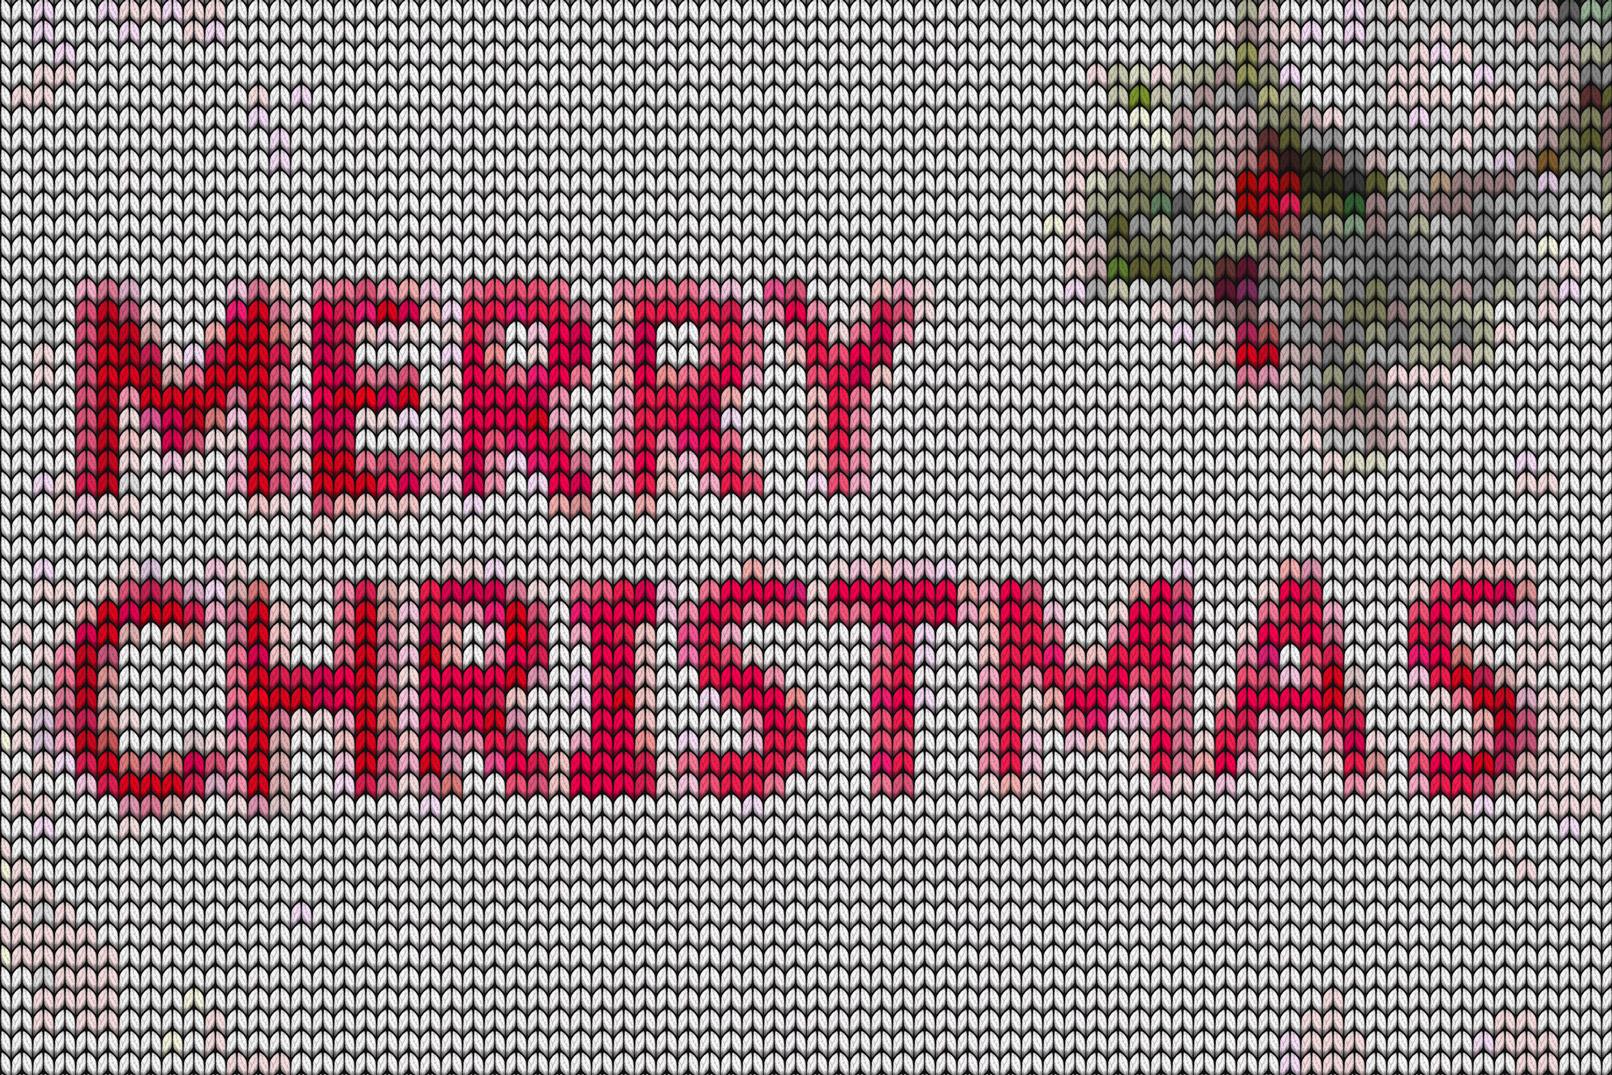 Weihnachtsgruß, von Strickmuster-Texturen überlagert